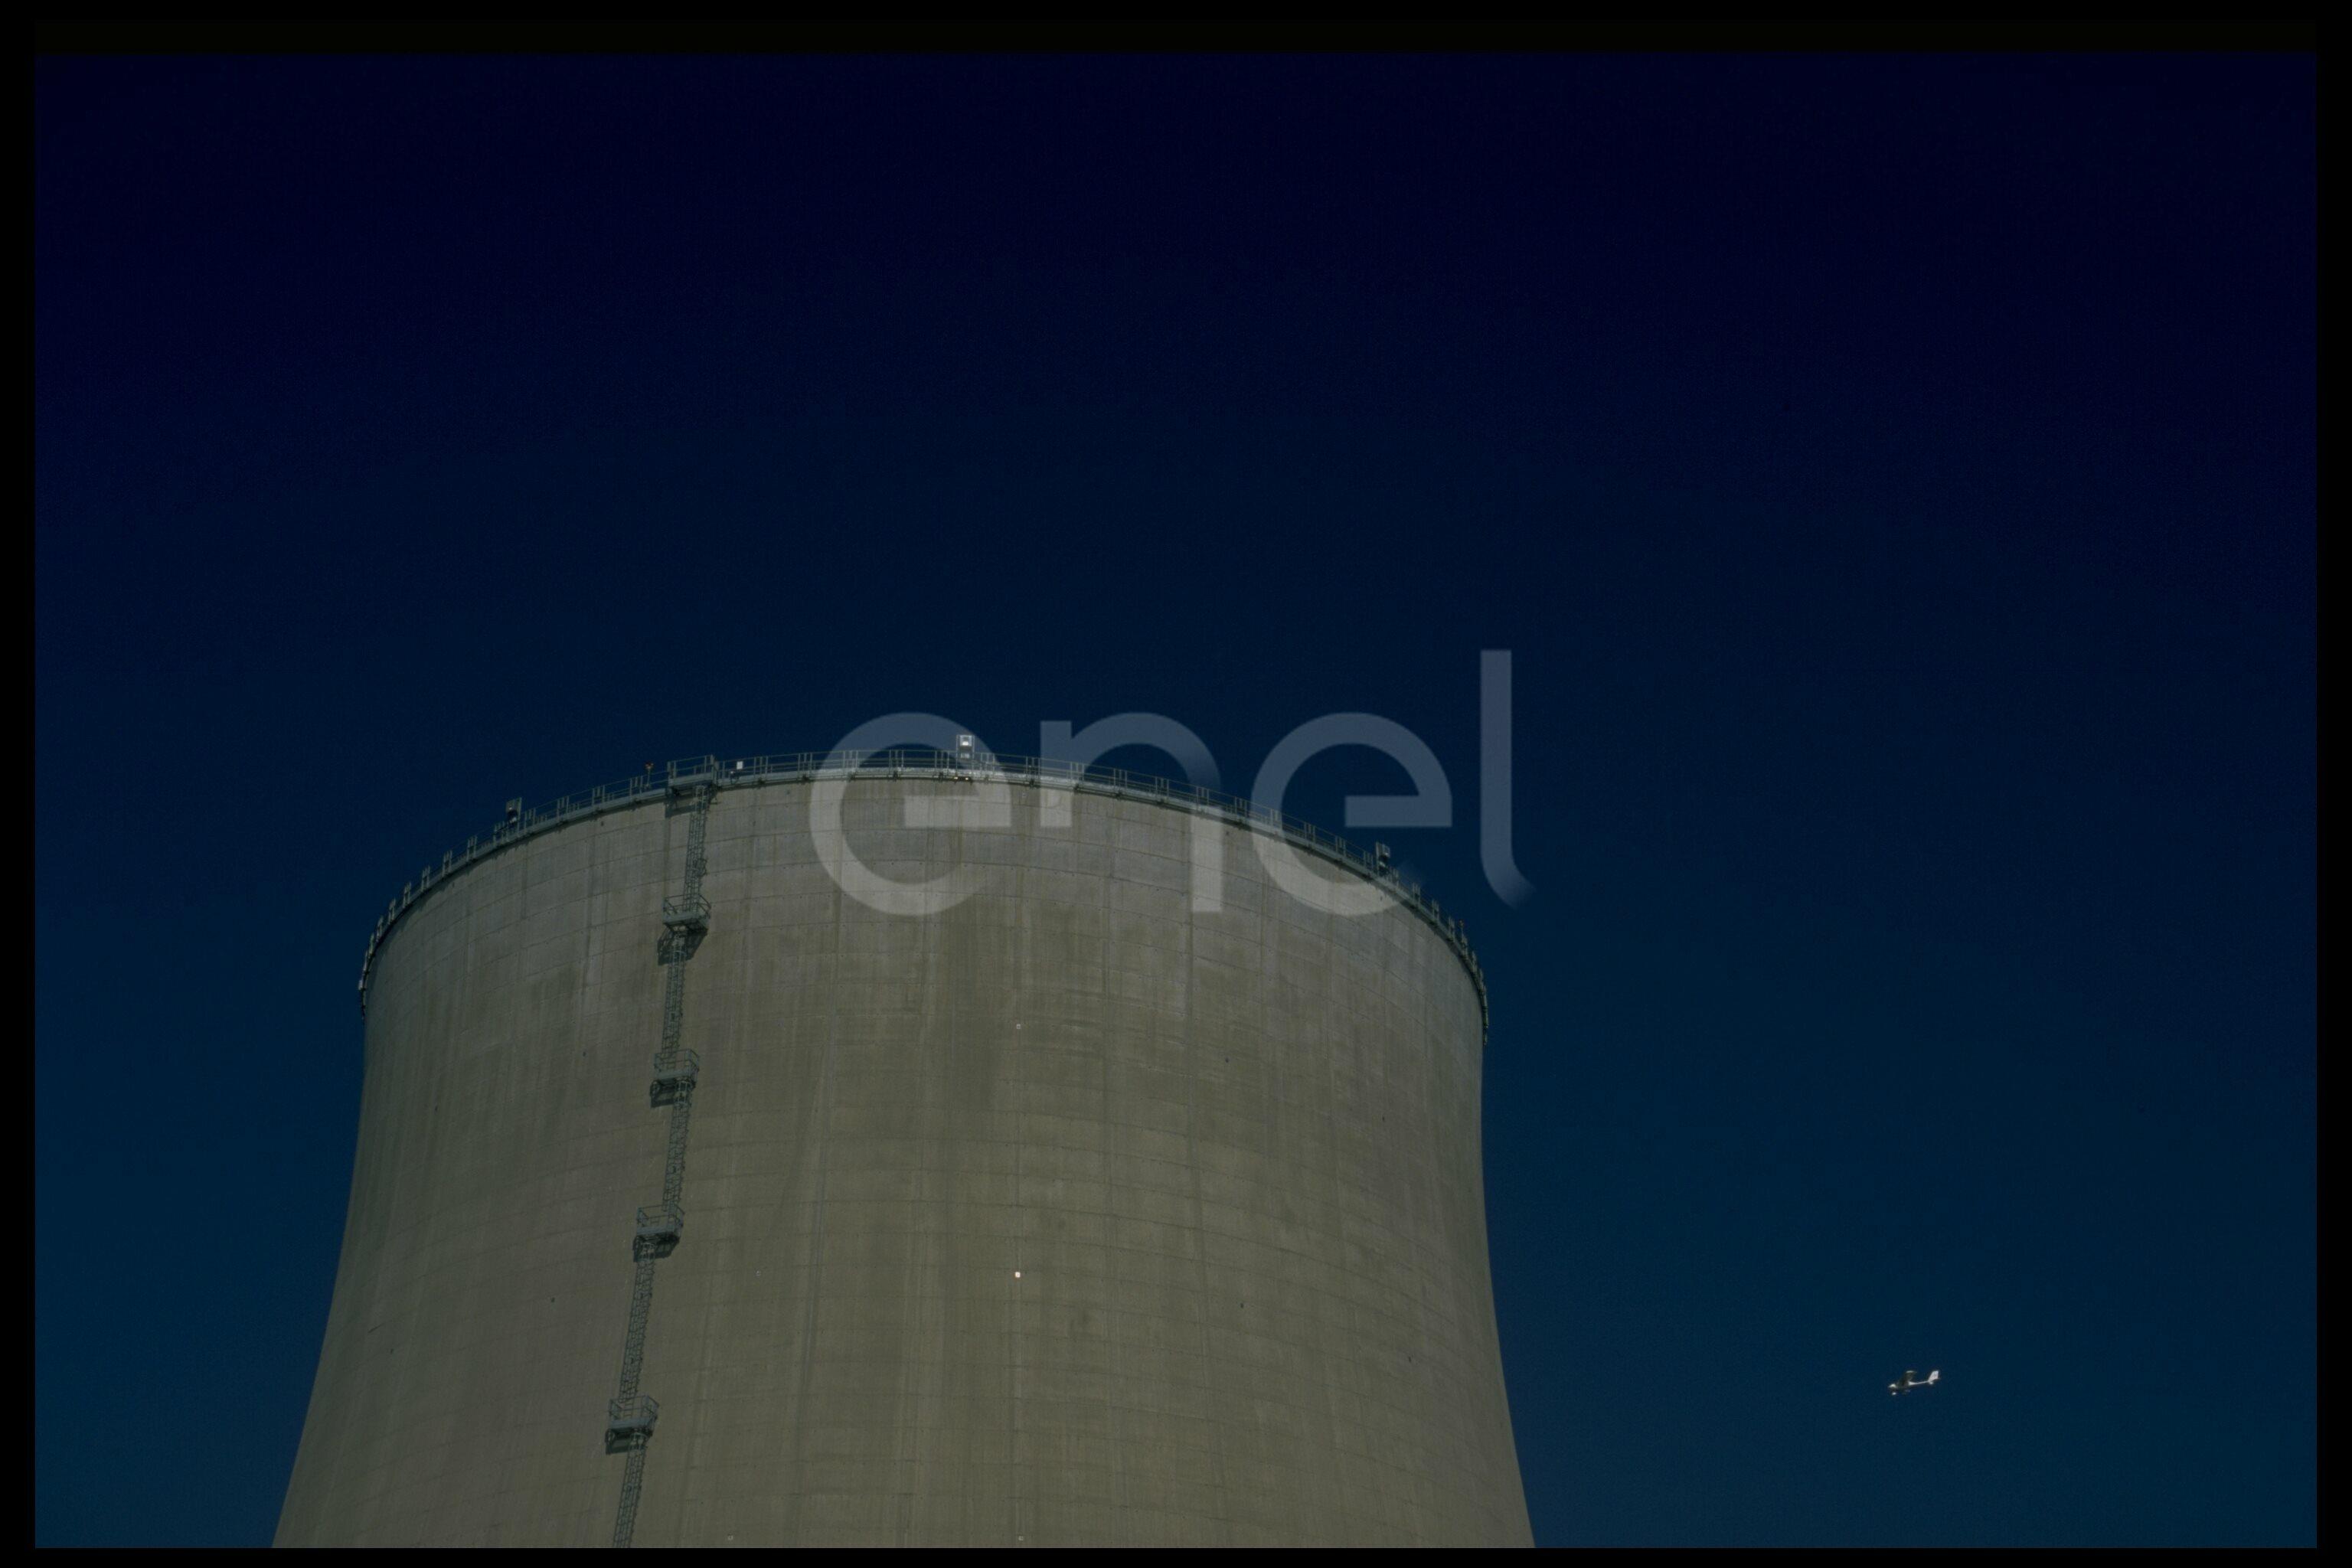 Torre di raffreddamento e aereo